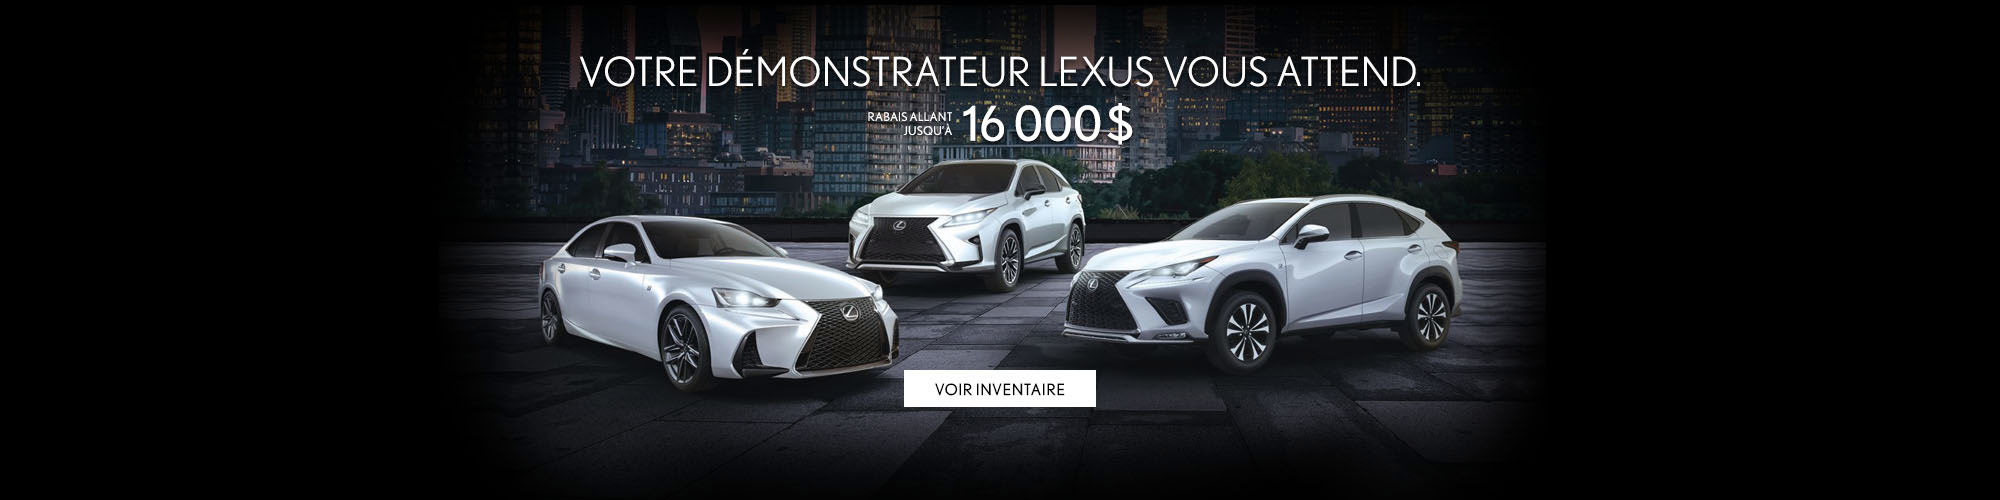 Vente de démonstrateur Lexus